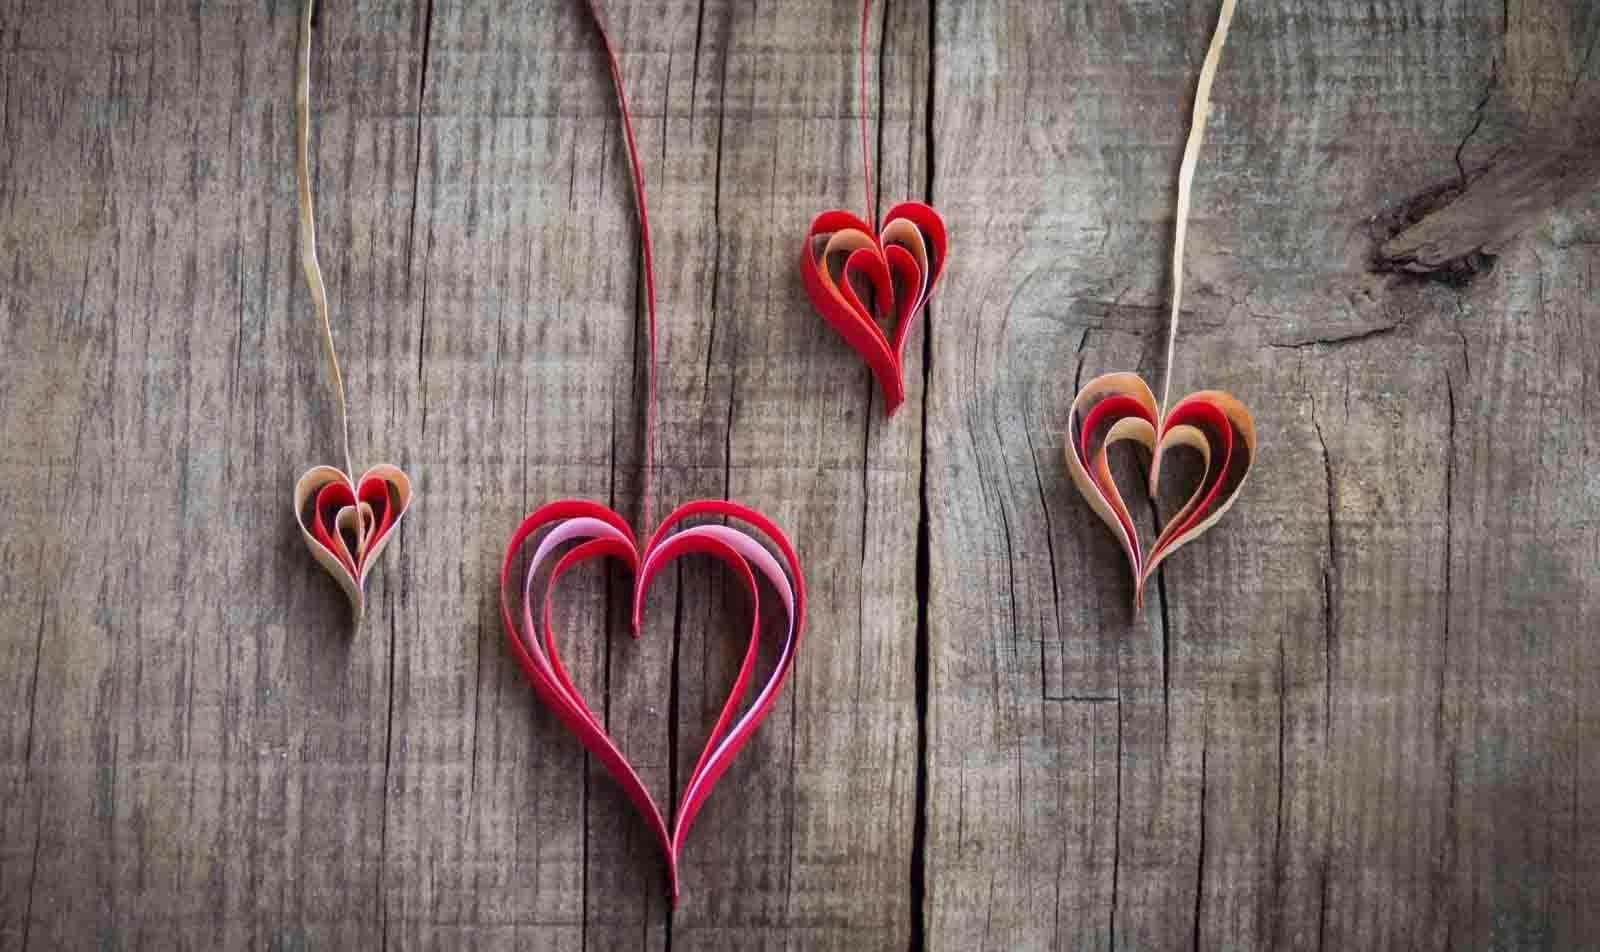 تحقیق بررسی عشق در جامعه امروزی